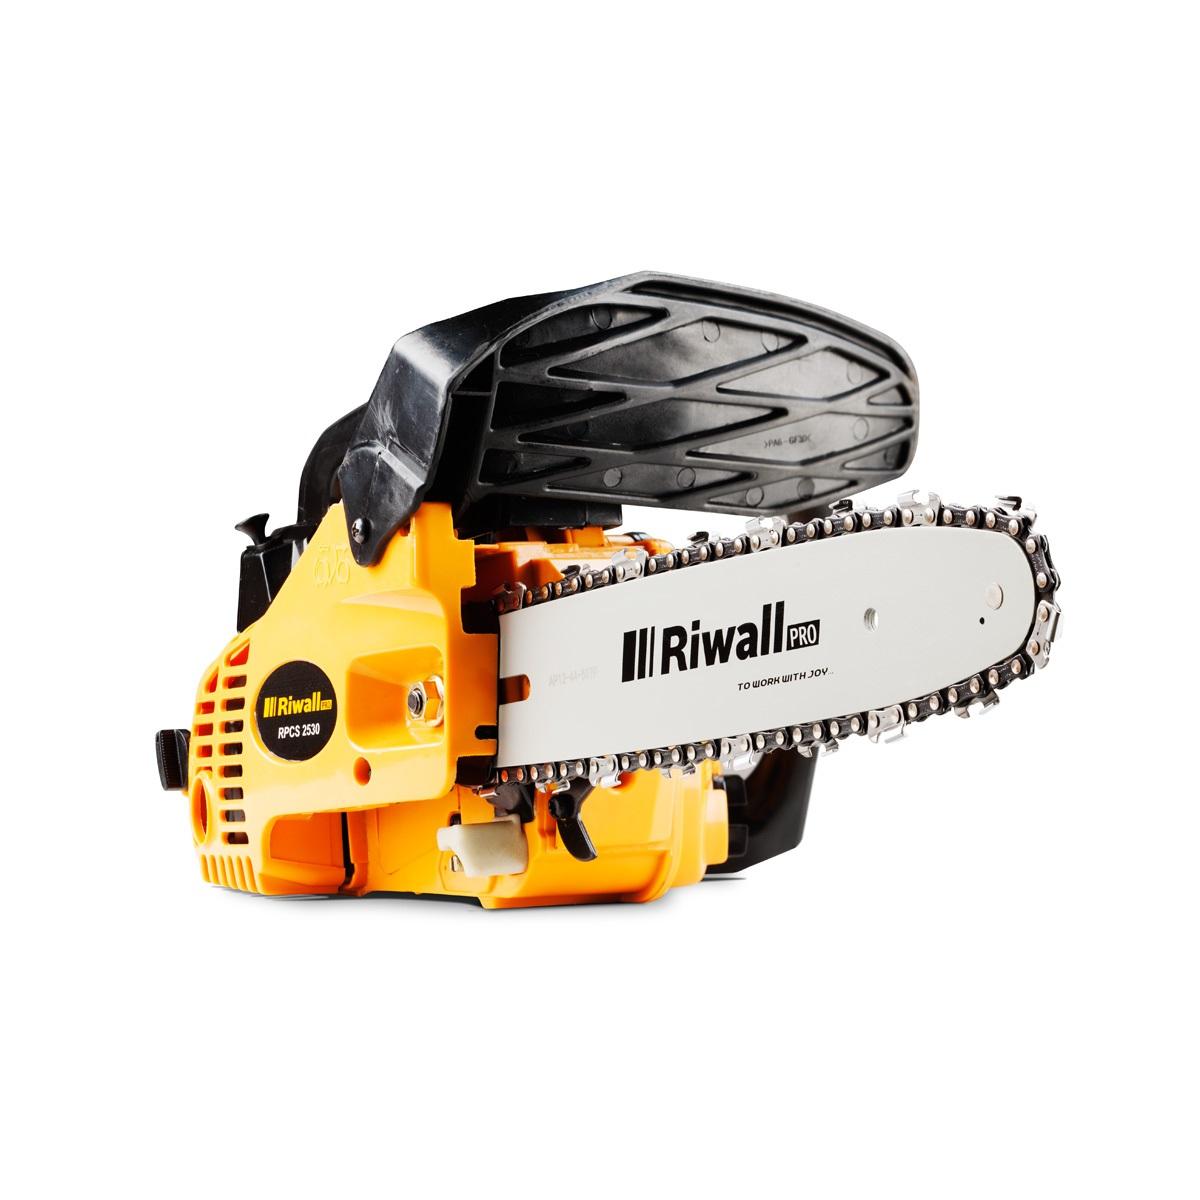 reťazová vyvetvovacia píla s benzínovým motorom Riwall PRO RPCS 2530